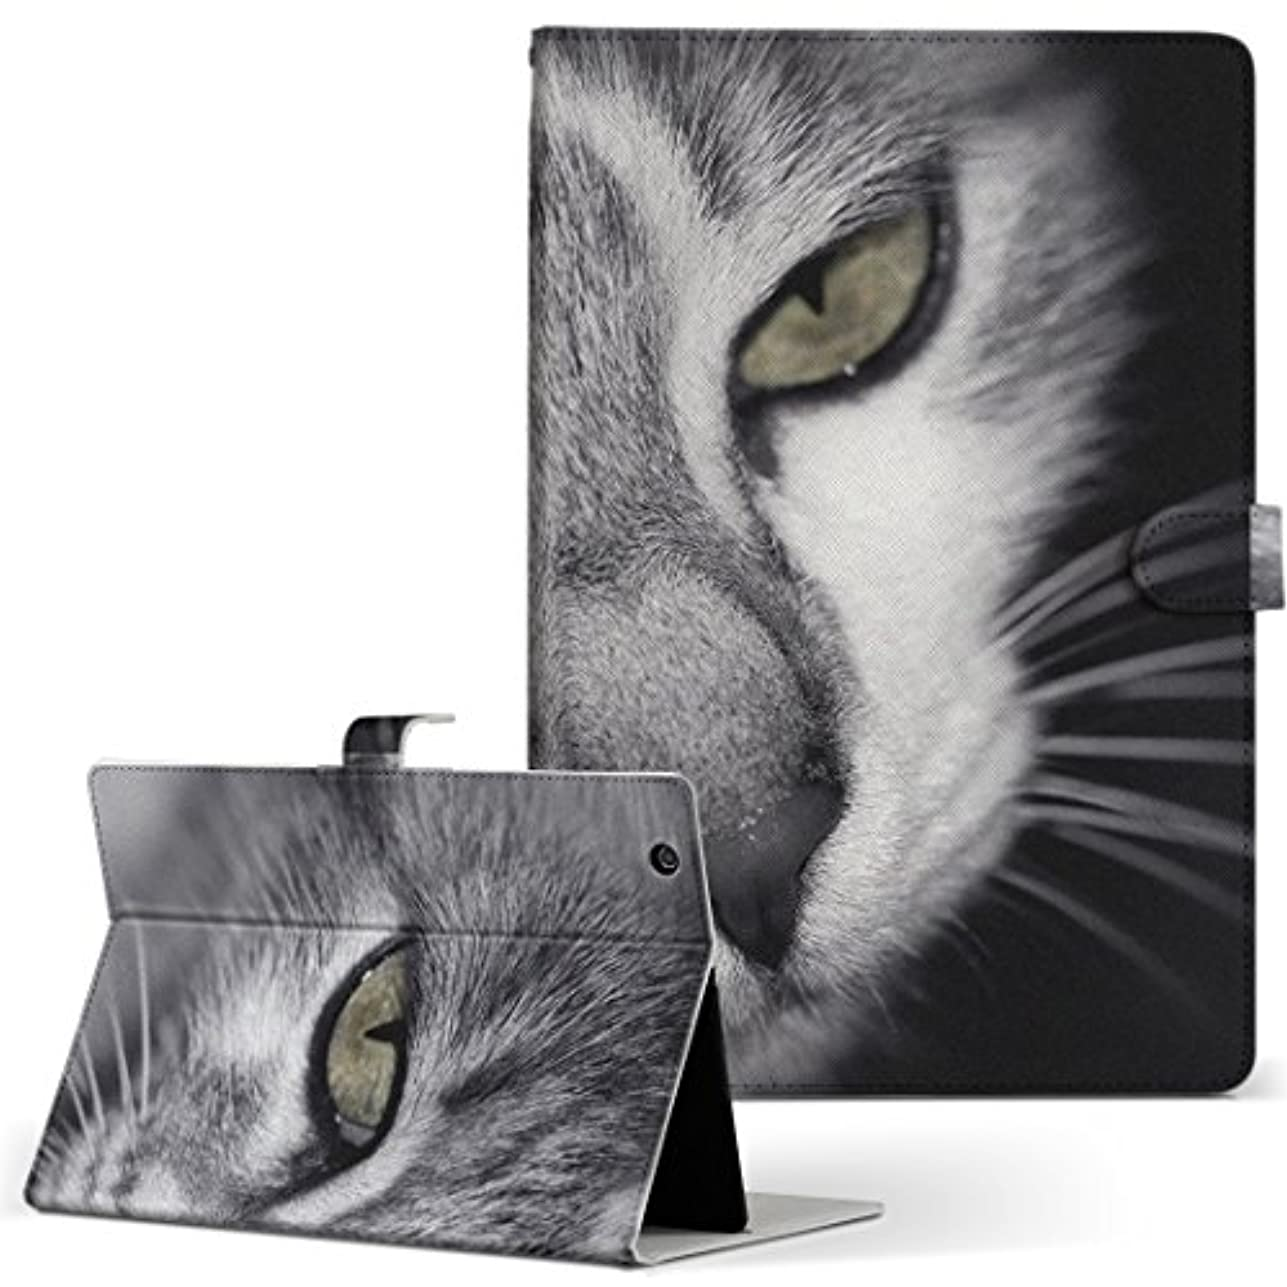 パステル区画外向きigcase Xperia Tablet Z SO-03E SONY ソニー 用 タブレット 手帳型 タブレットケース タブレットカバー カバー レザー ケース 手帳タイプ フリップ ダイアリー 二つ折り 直接貼り付けタイプ 007896 アニマル 写真 猫 ねこ モノクロ